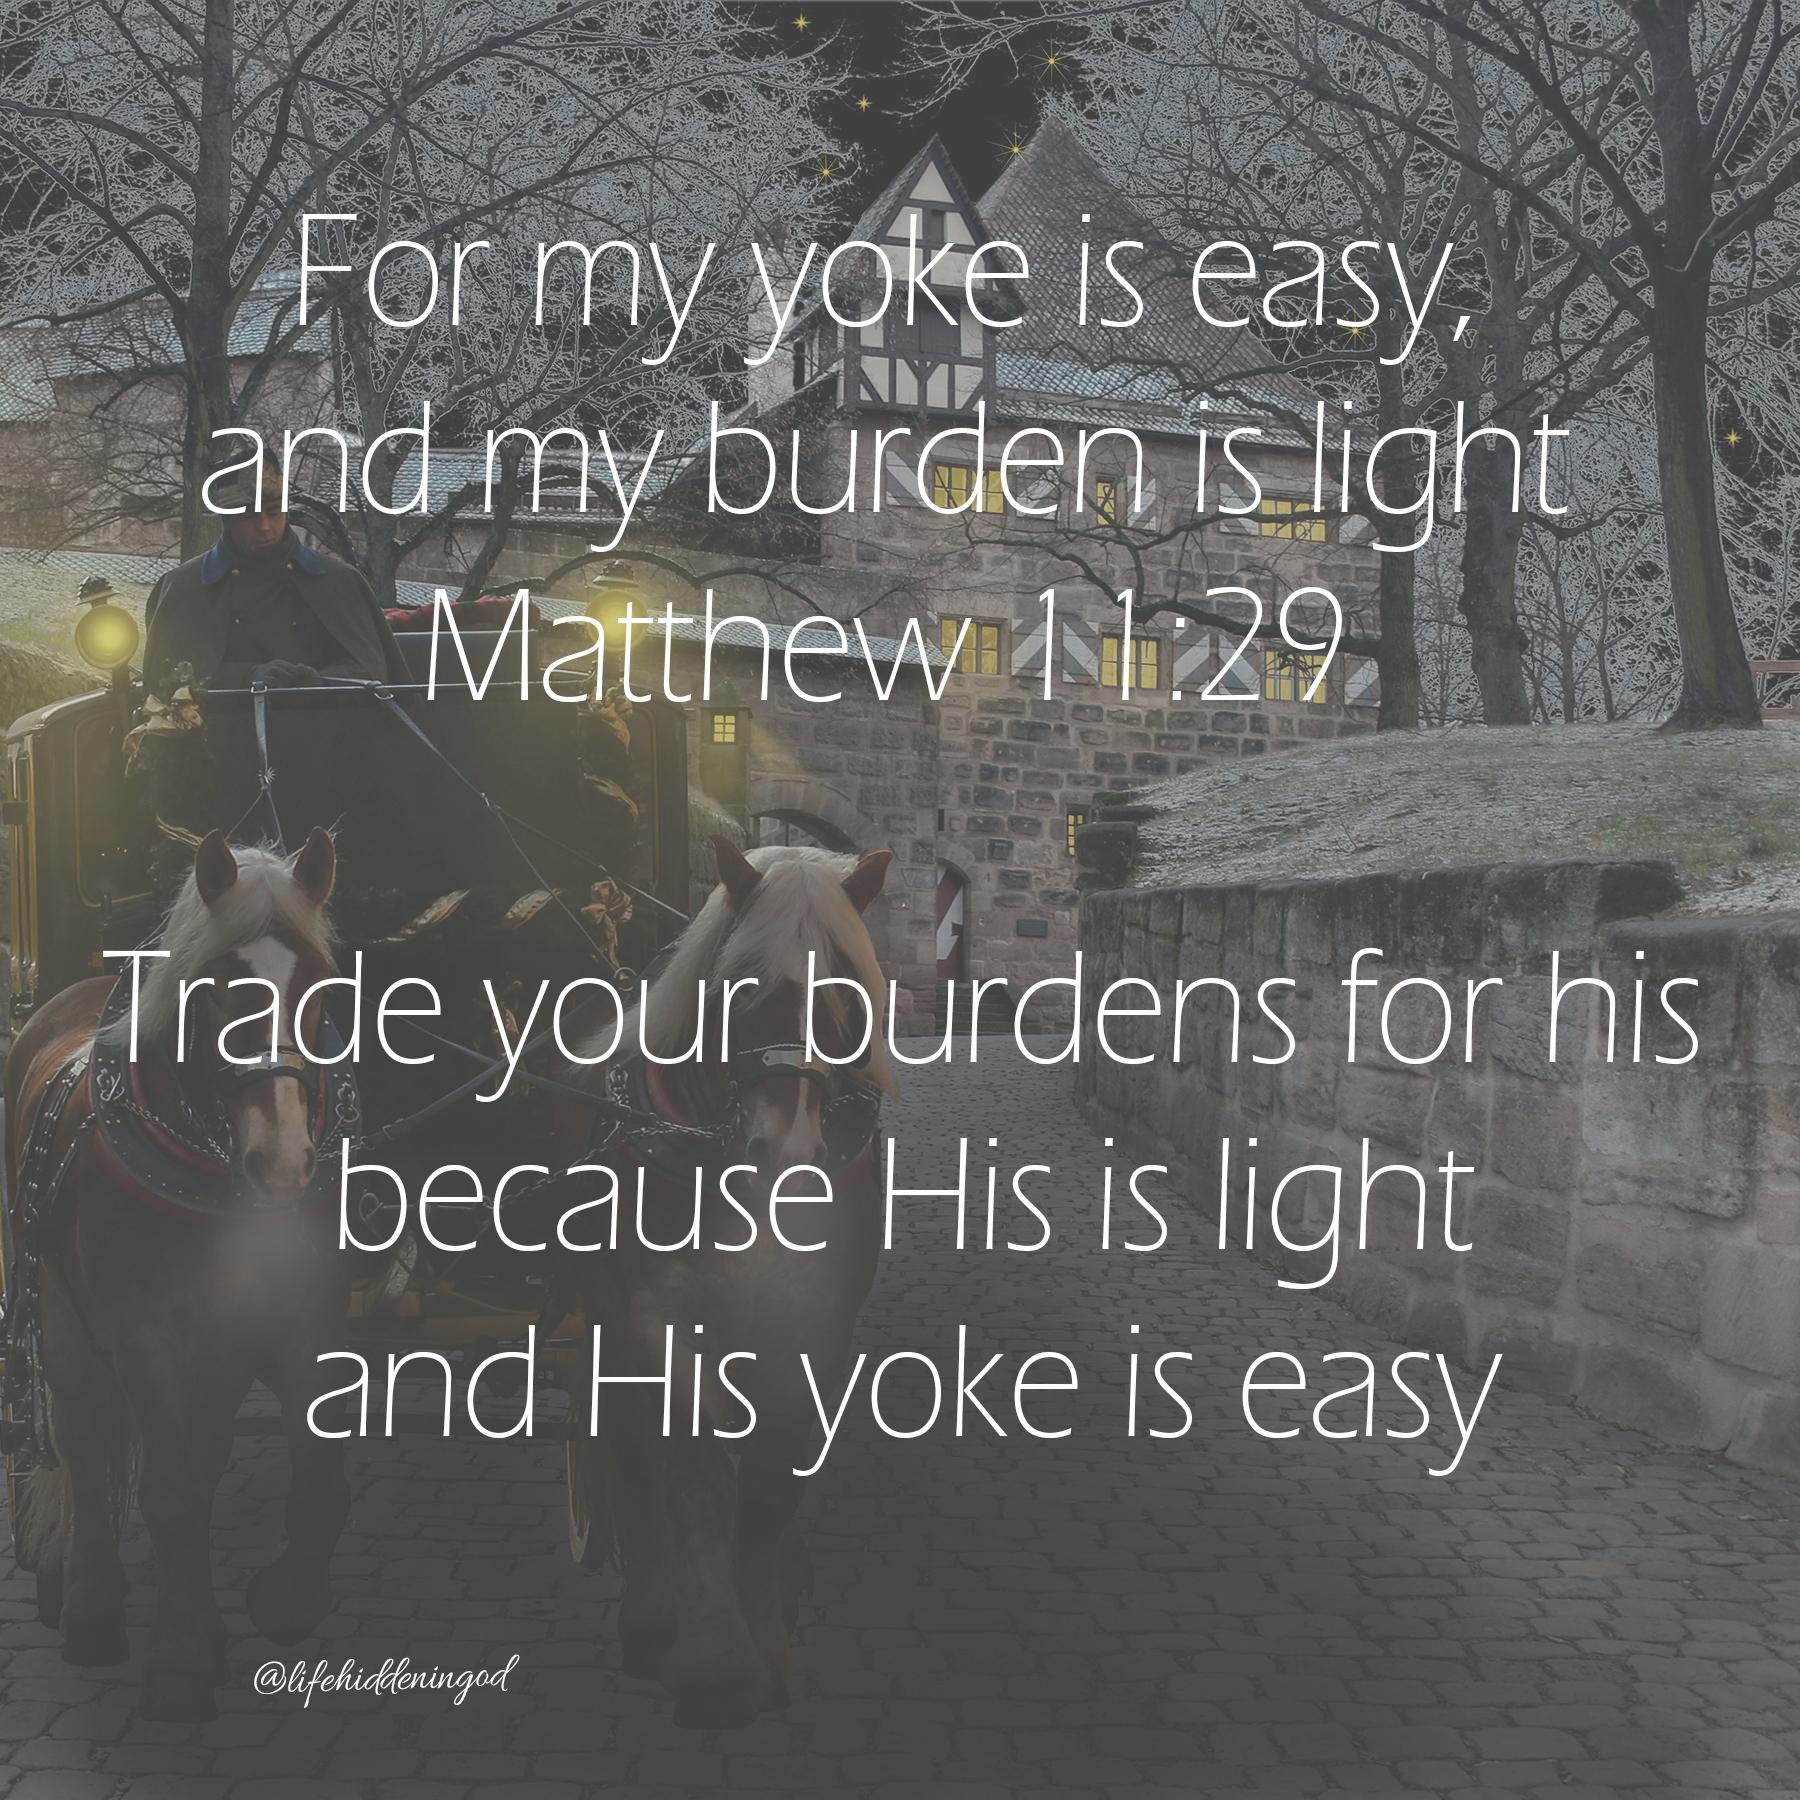 Easy Yoke Light Burden